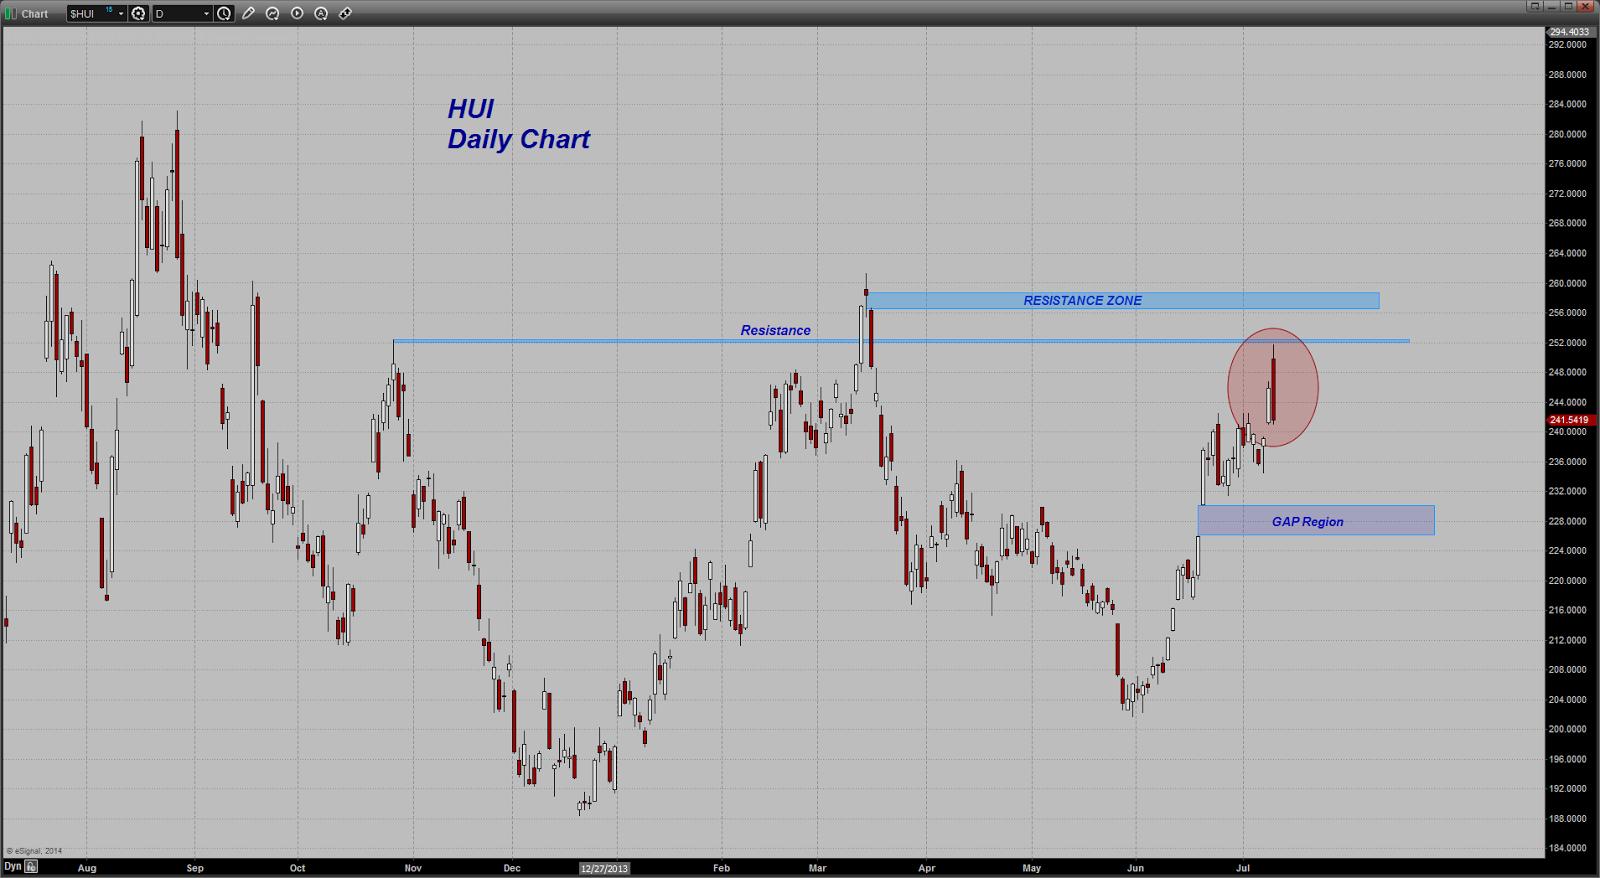 prix de l'or, de l'argent et des minières / suivi quotidien en clôture - Page 13 Chart20140710133133